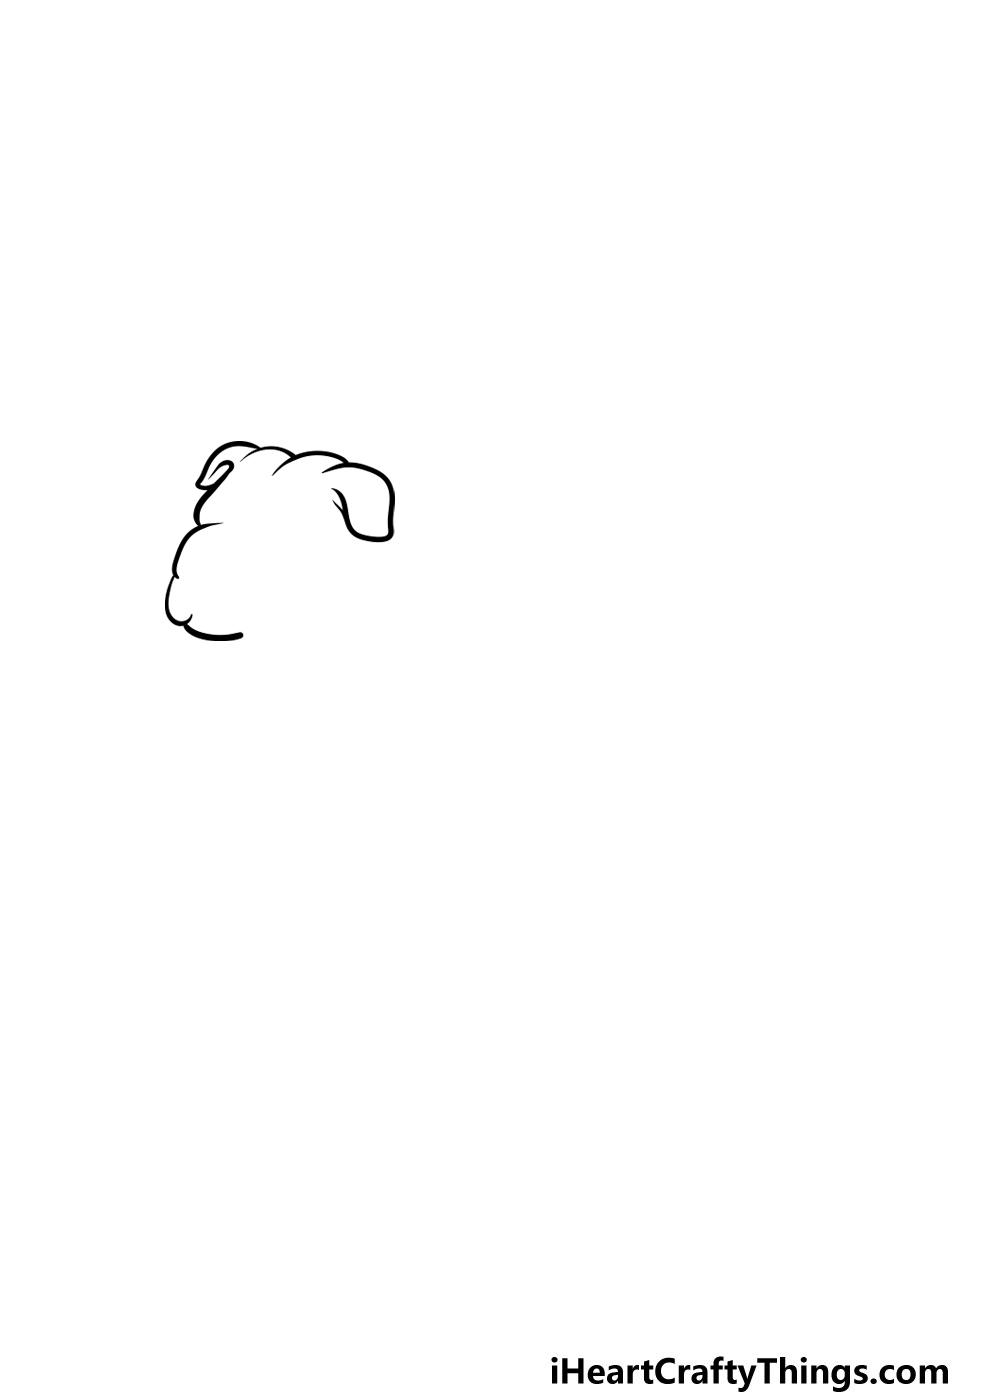 drawing bulldog step 1